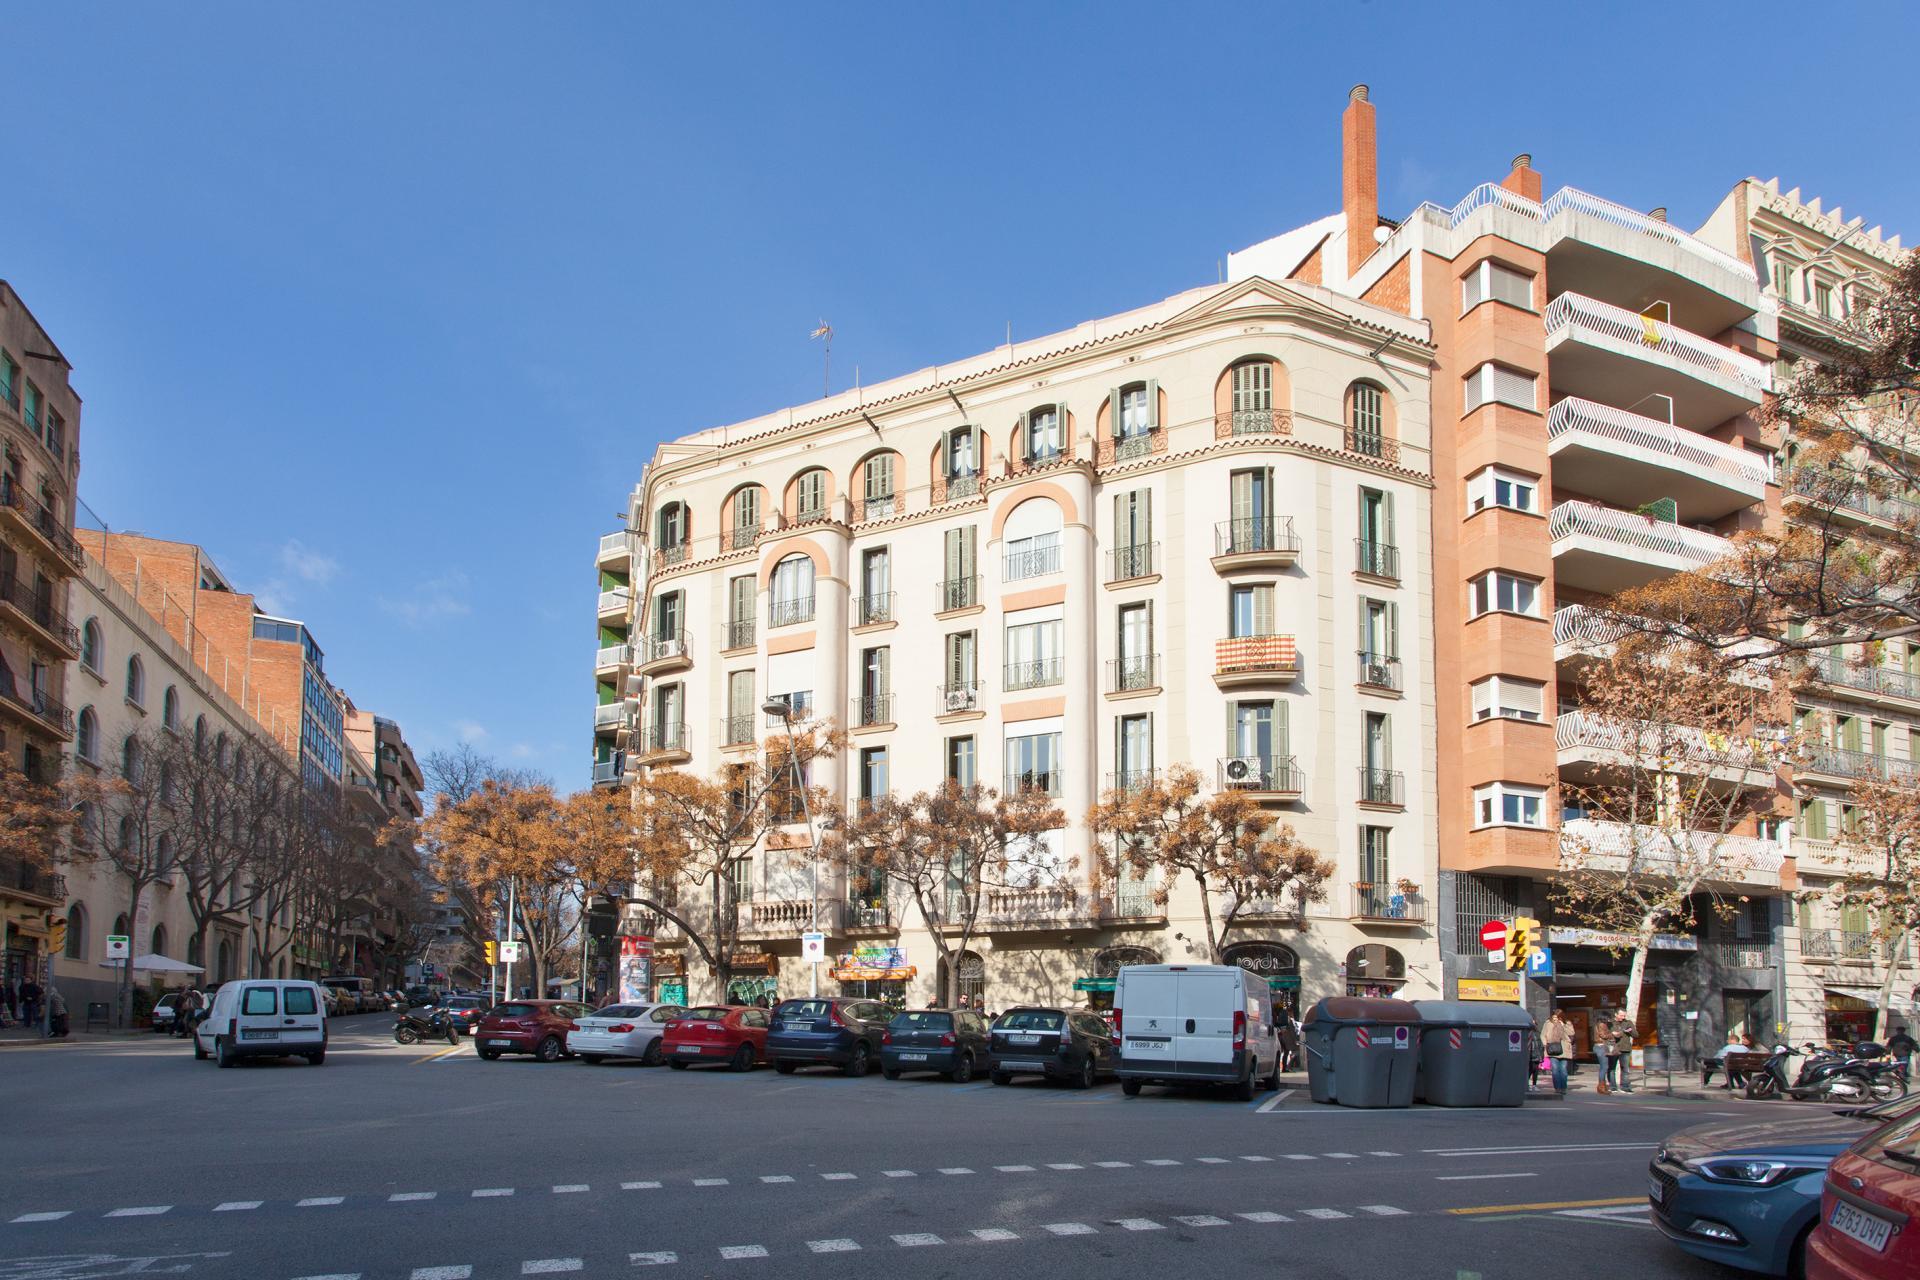 Pis en lloguer barcelona l 39 eixample plaza sagrada familia metro proven a - Lloguer pis barcelona particular ...